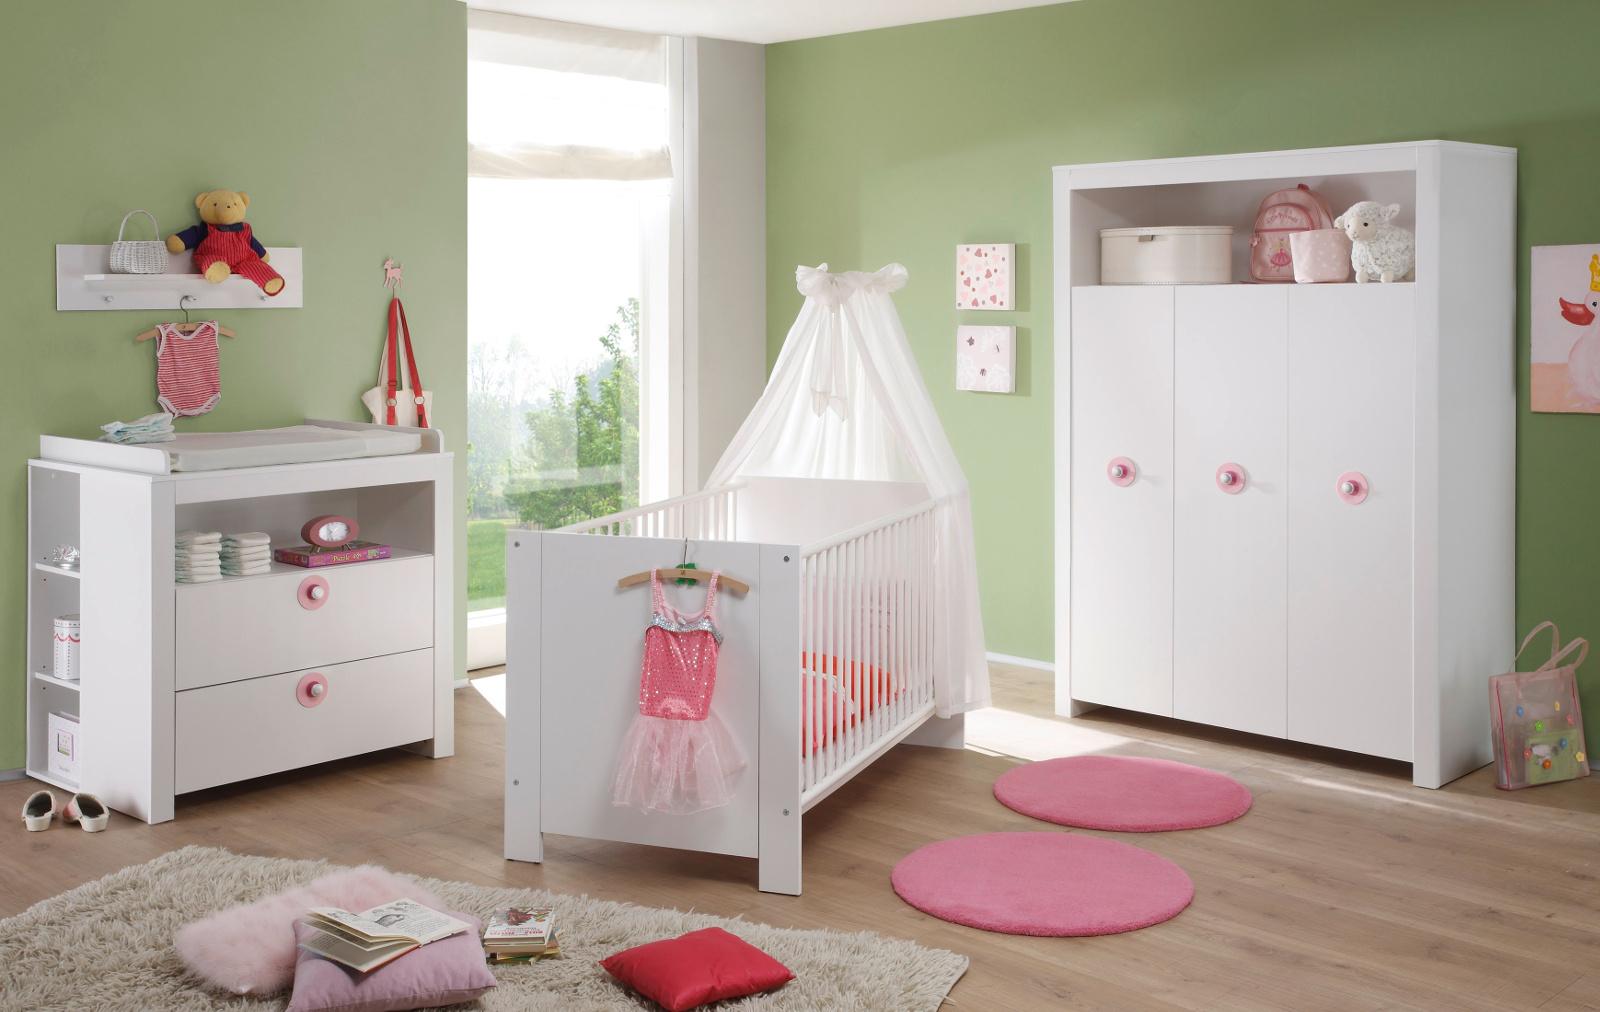 wandregal babyzimmer | jtleigh.com - hausgestaltung ideen - Kinderzimmer Regal Blau